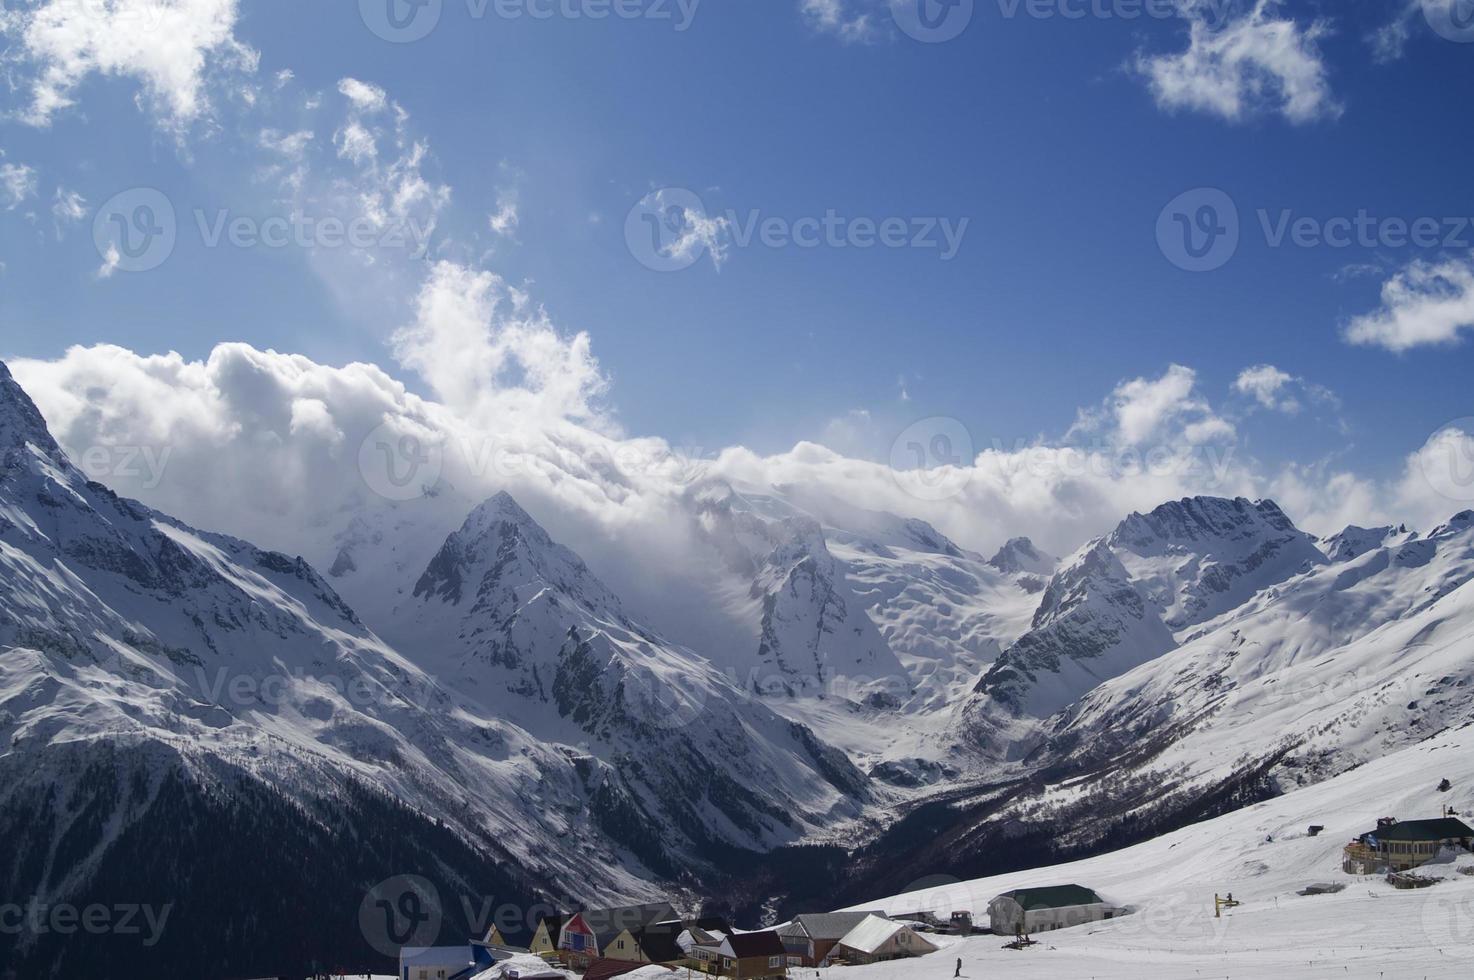 café en hotels in hoge bergen. skigebied. foto